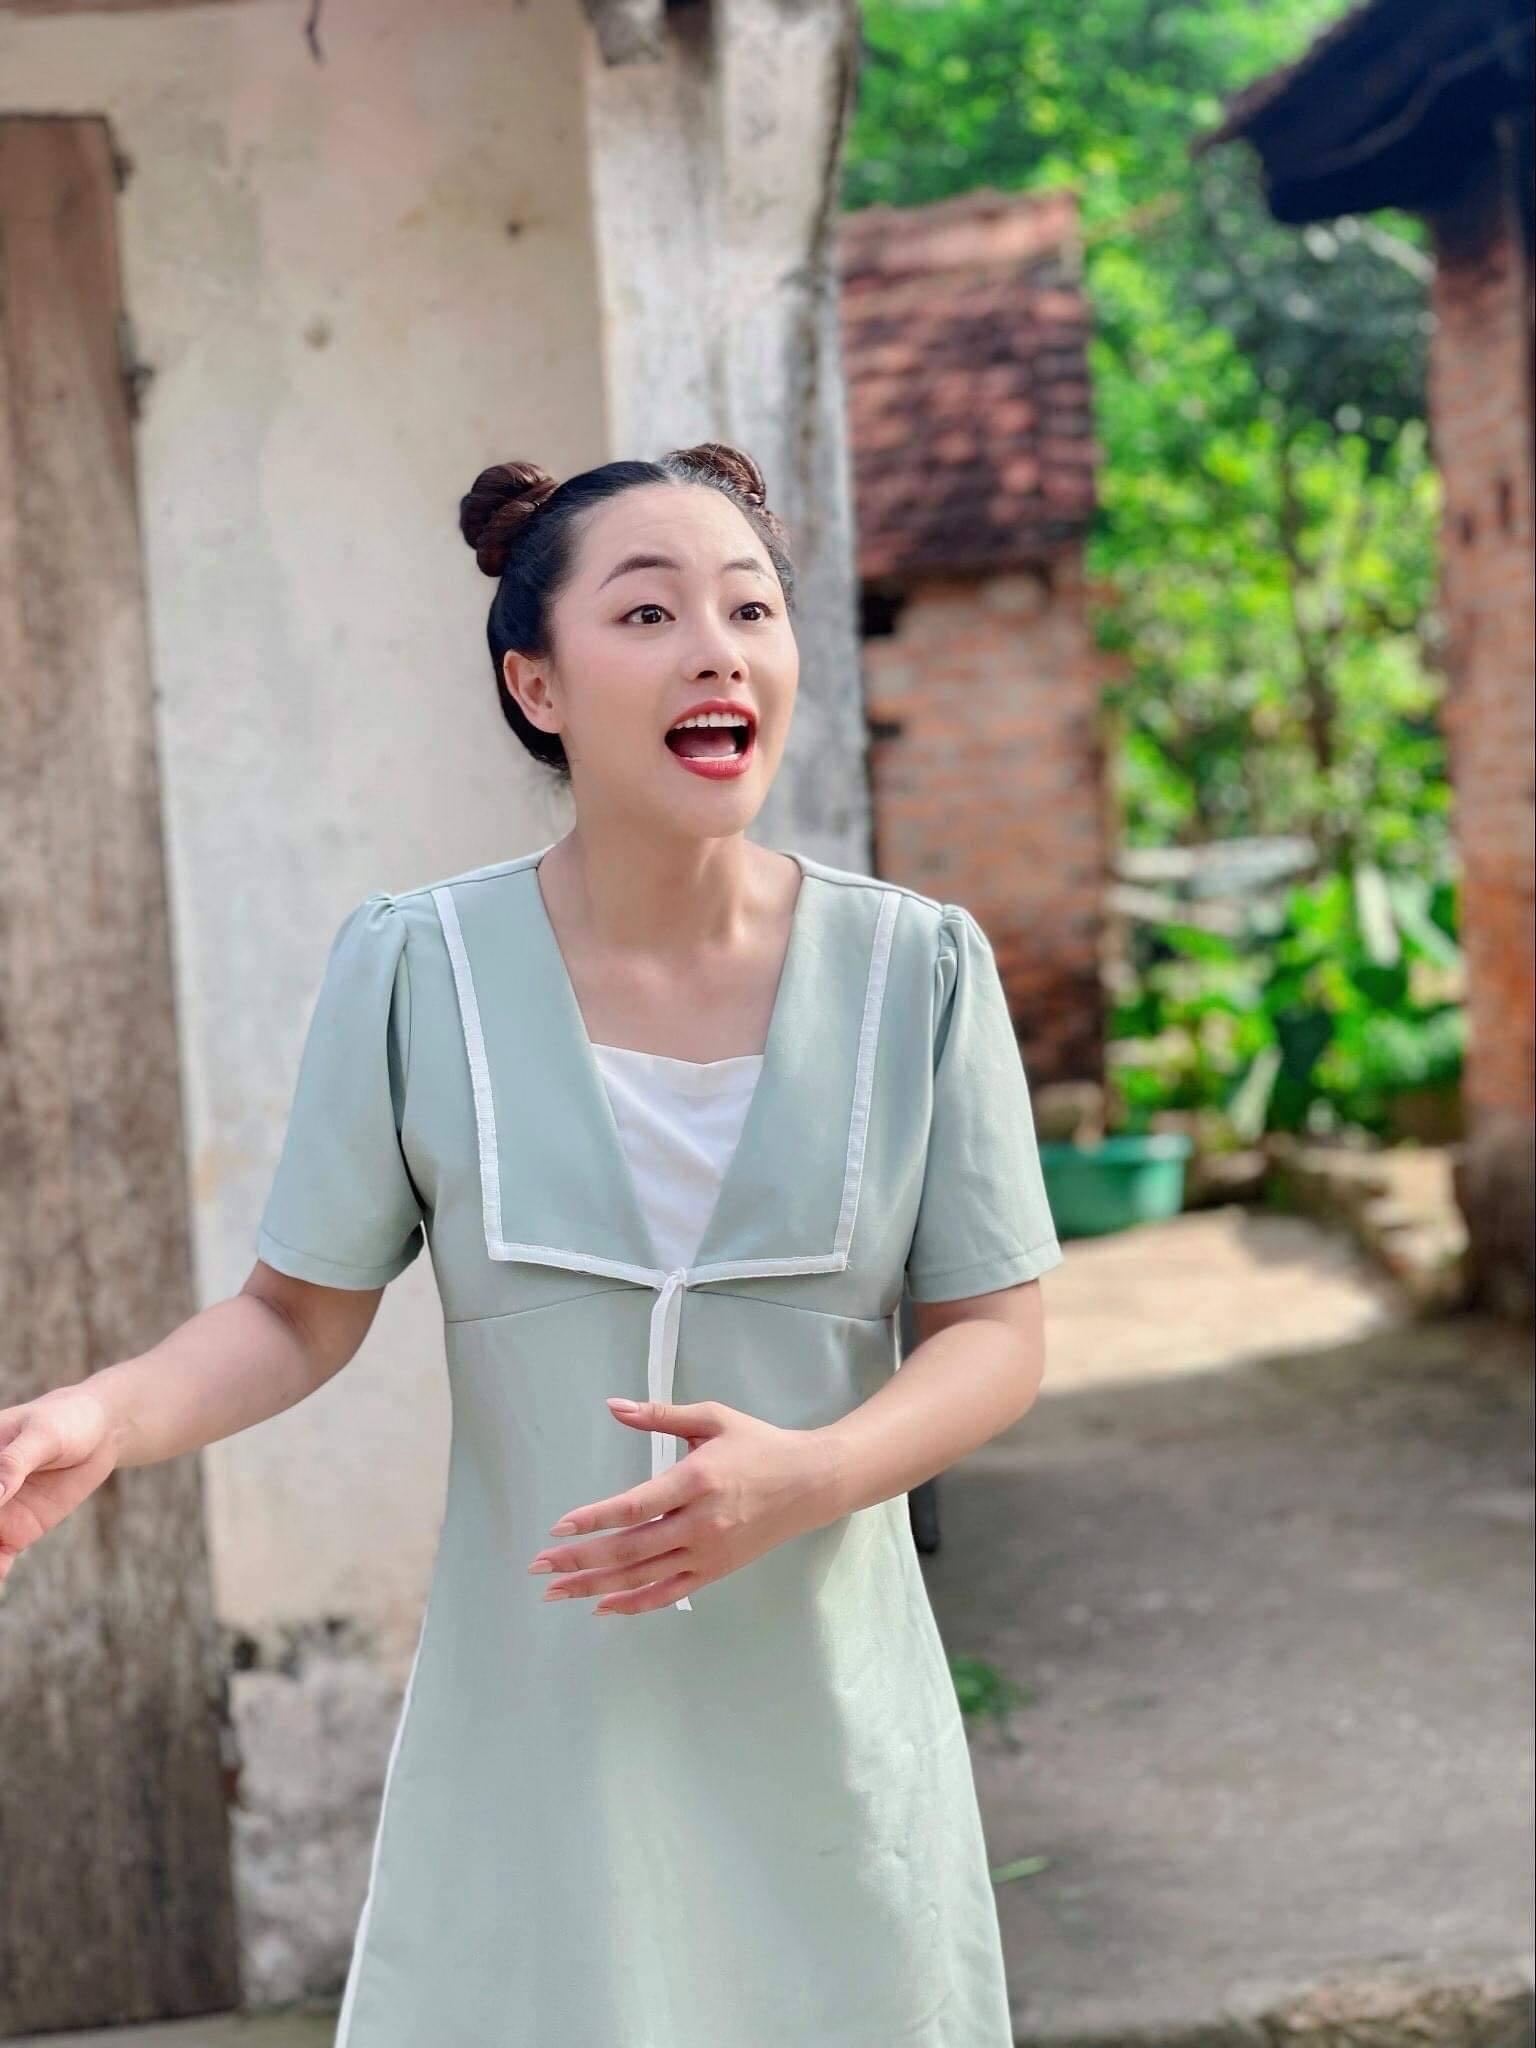 Huyền Thạch 'Mùa hoa tìm lại': 'Tôi thà kết hôn muộn còn hơn chọn nhầm người'